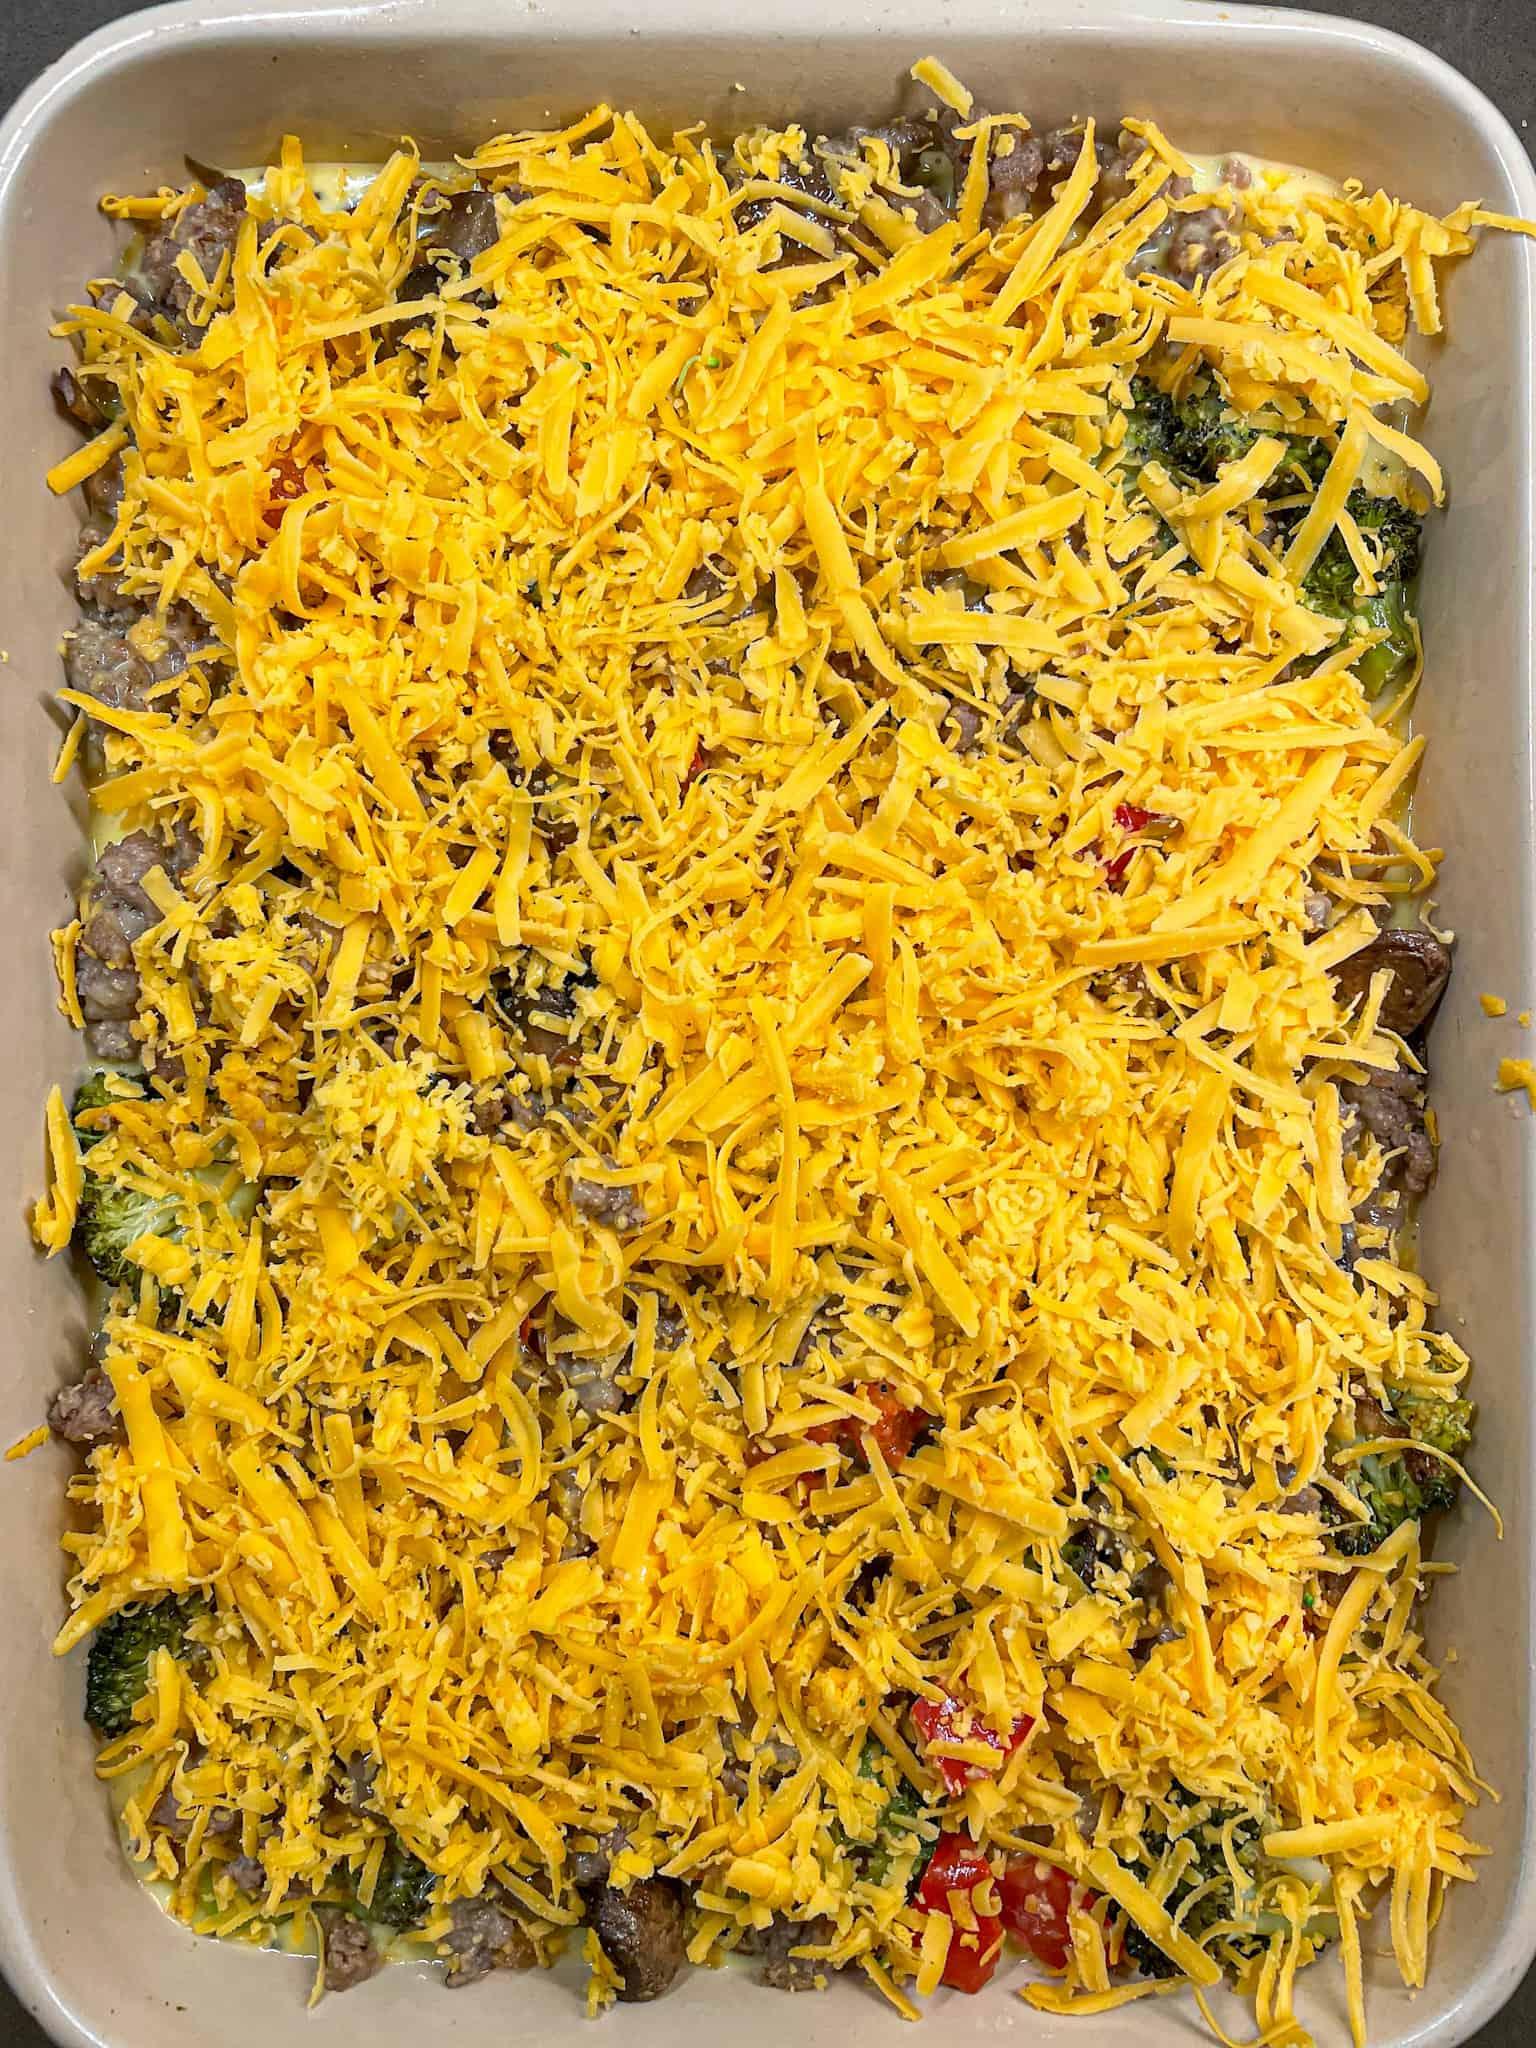 unbaked breakfast casserole